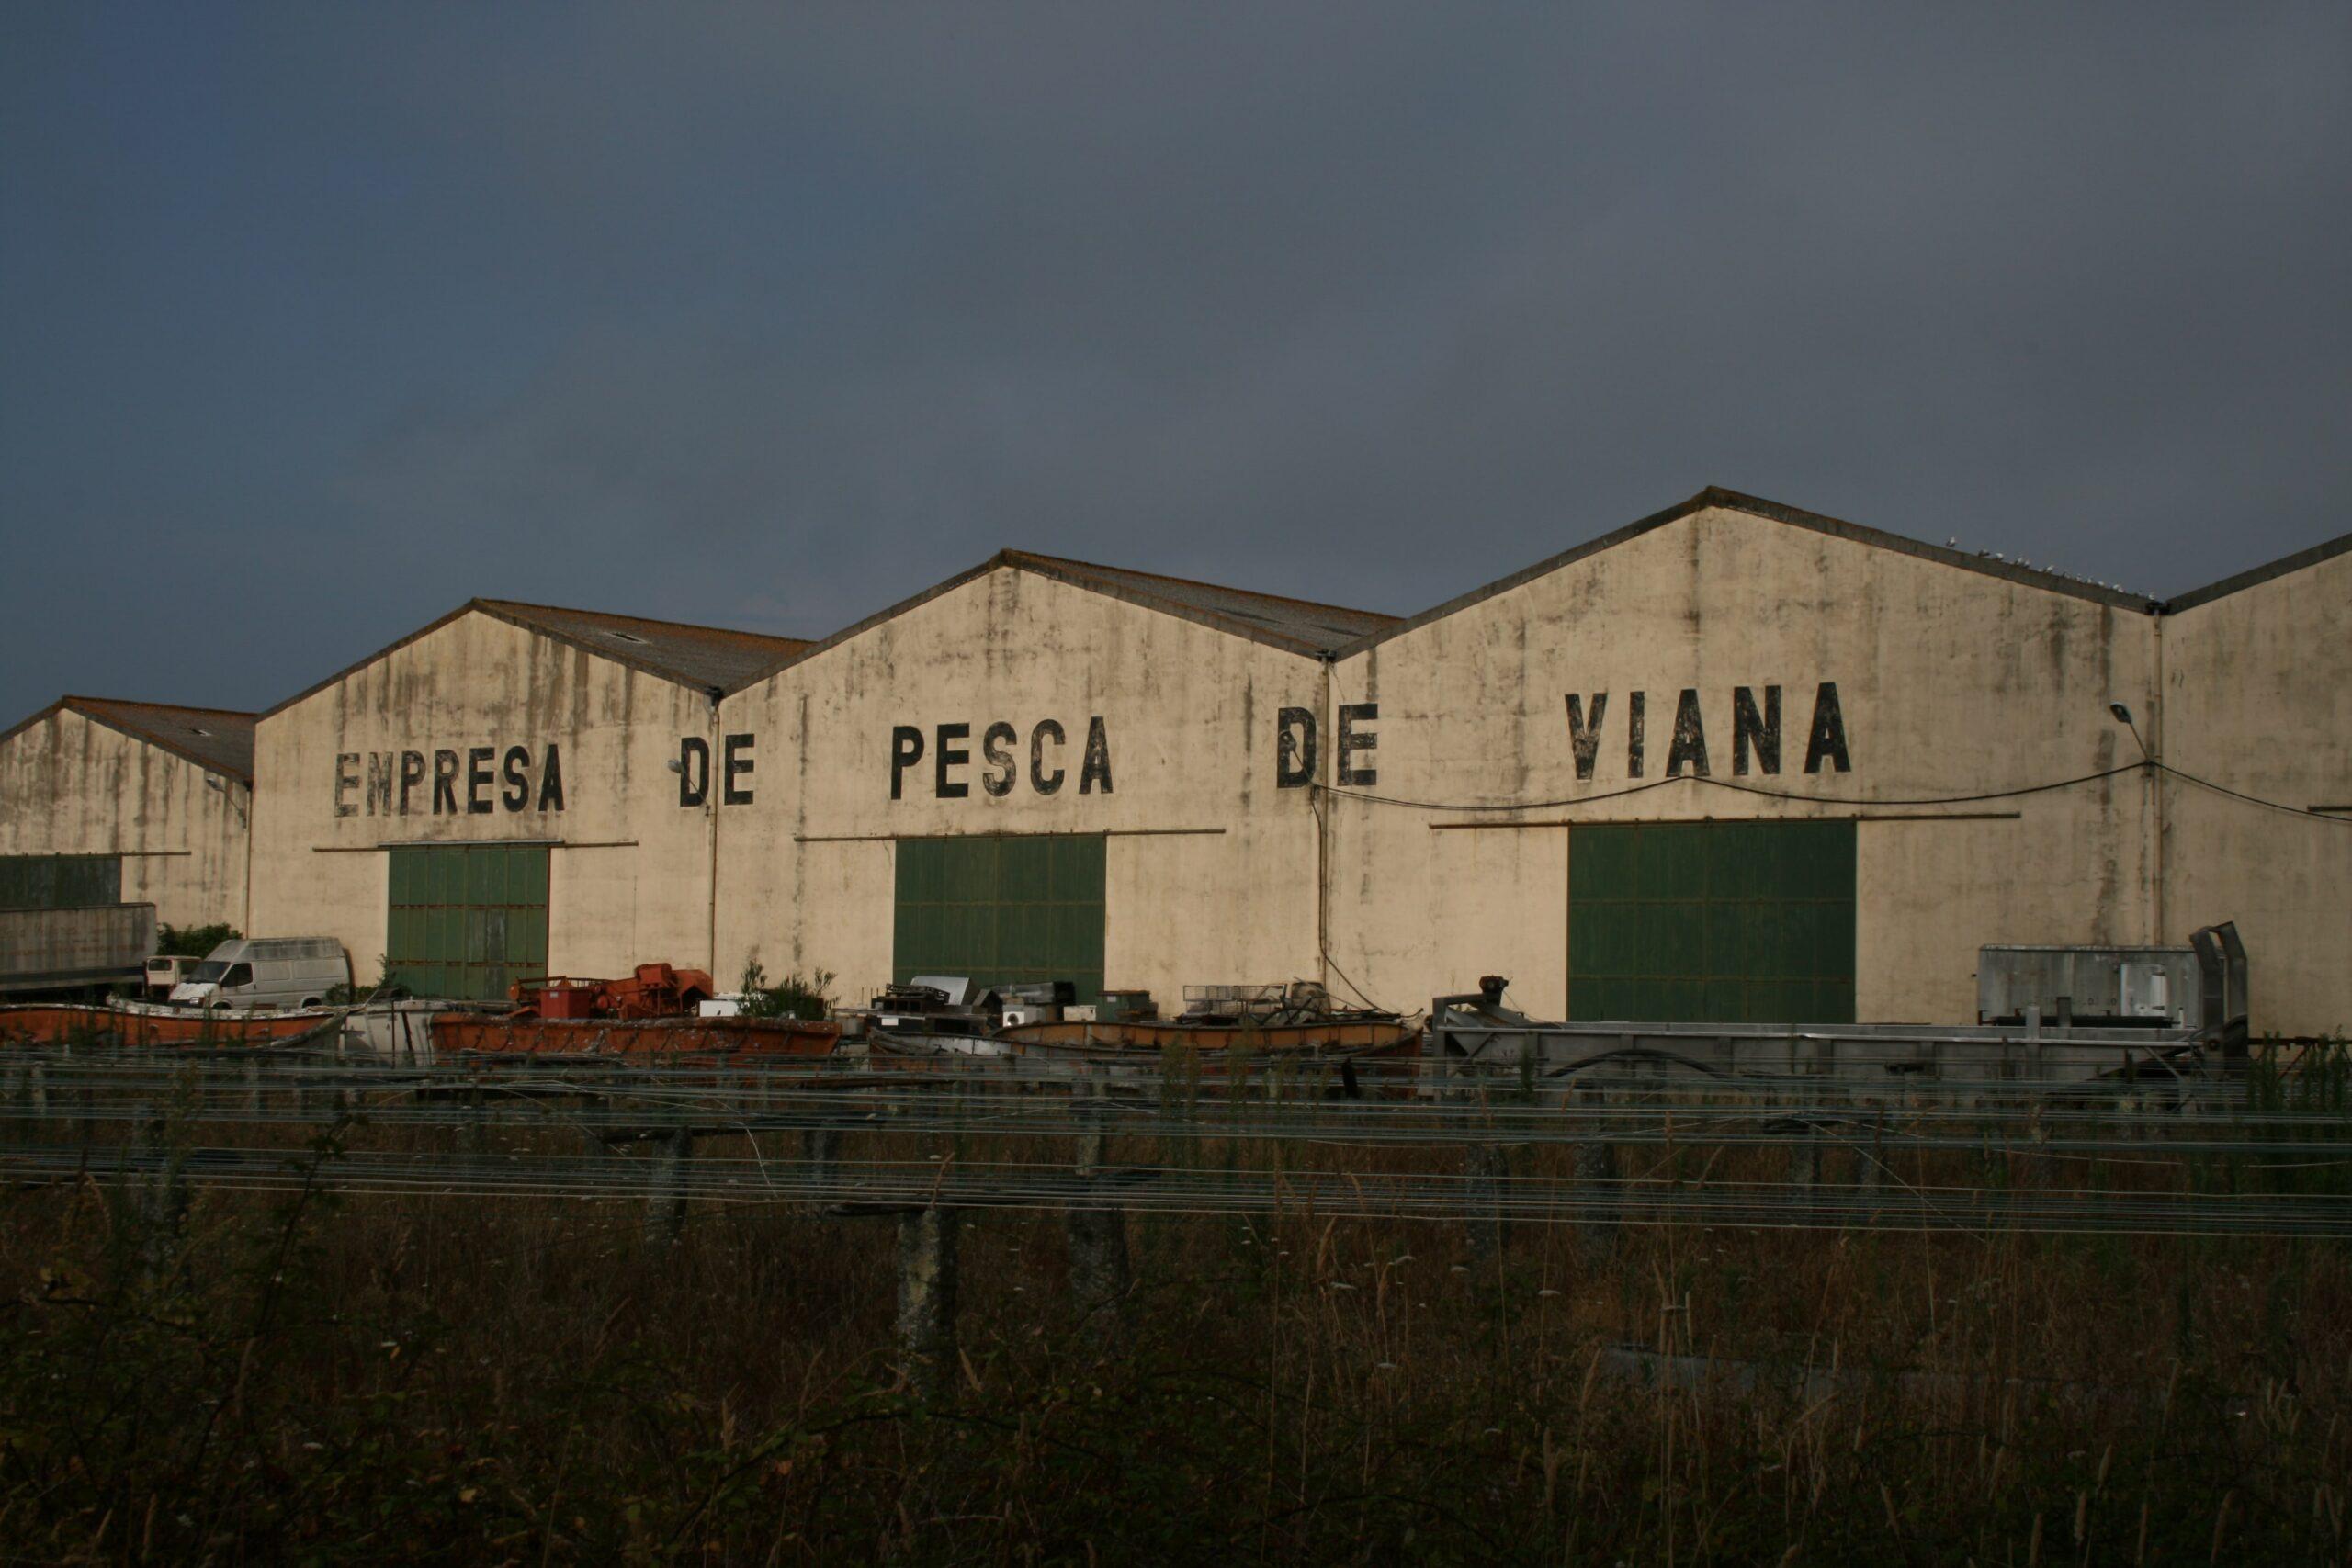 Empresa de pesca de Viana – Seca do bacalhau de Darque